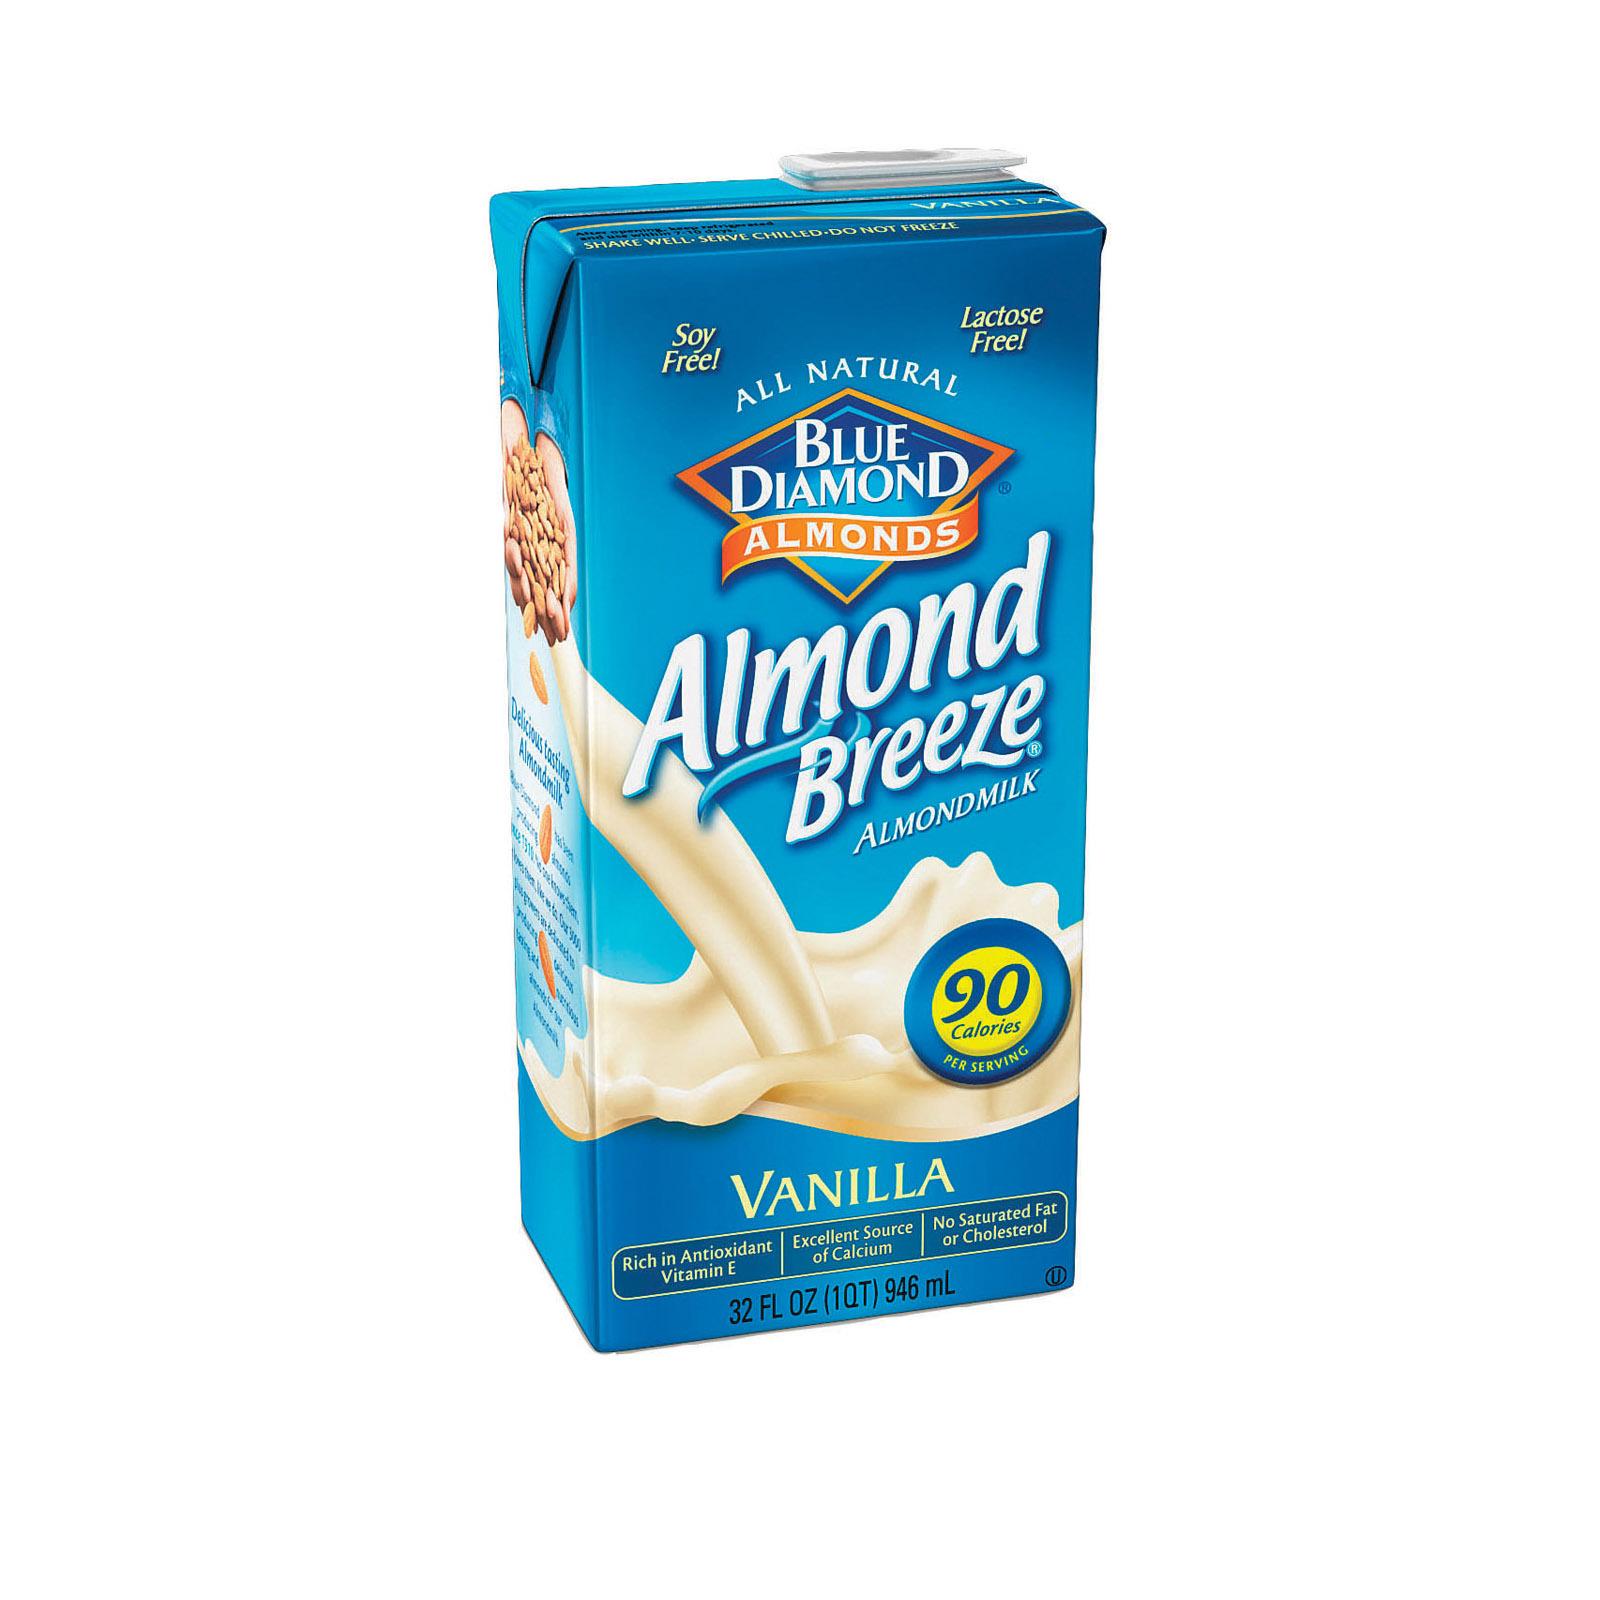 Almond Breeze Almond Milk -Vanilla - 32 fl oz